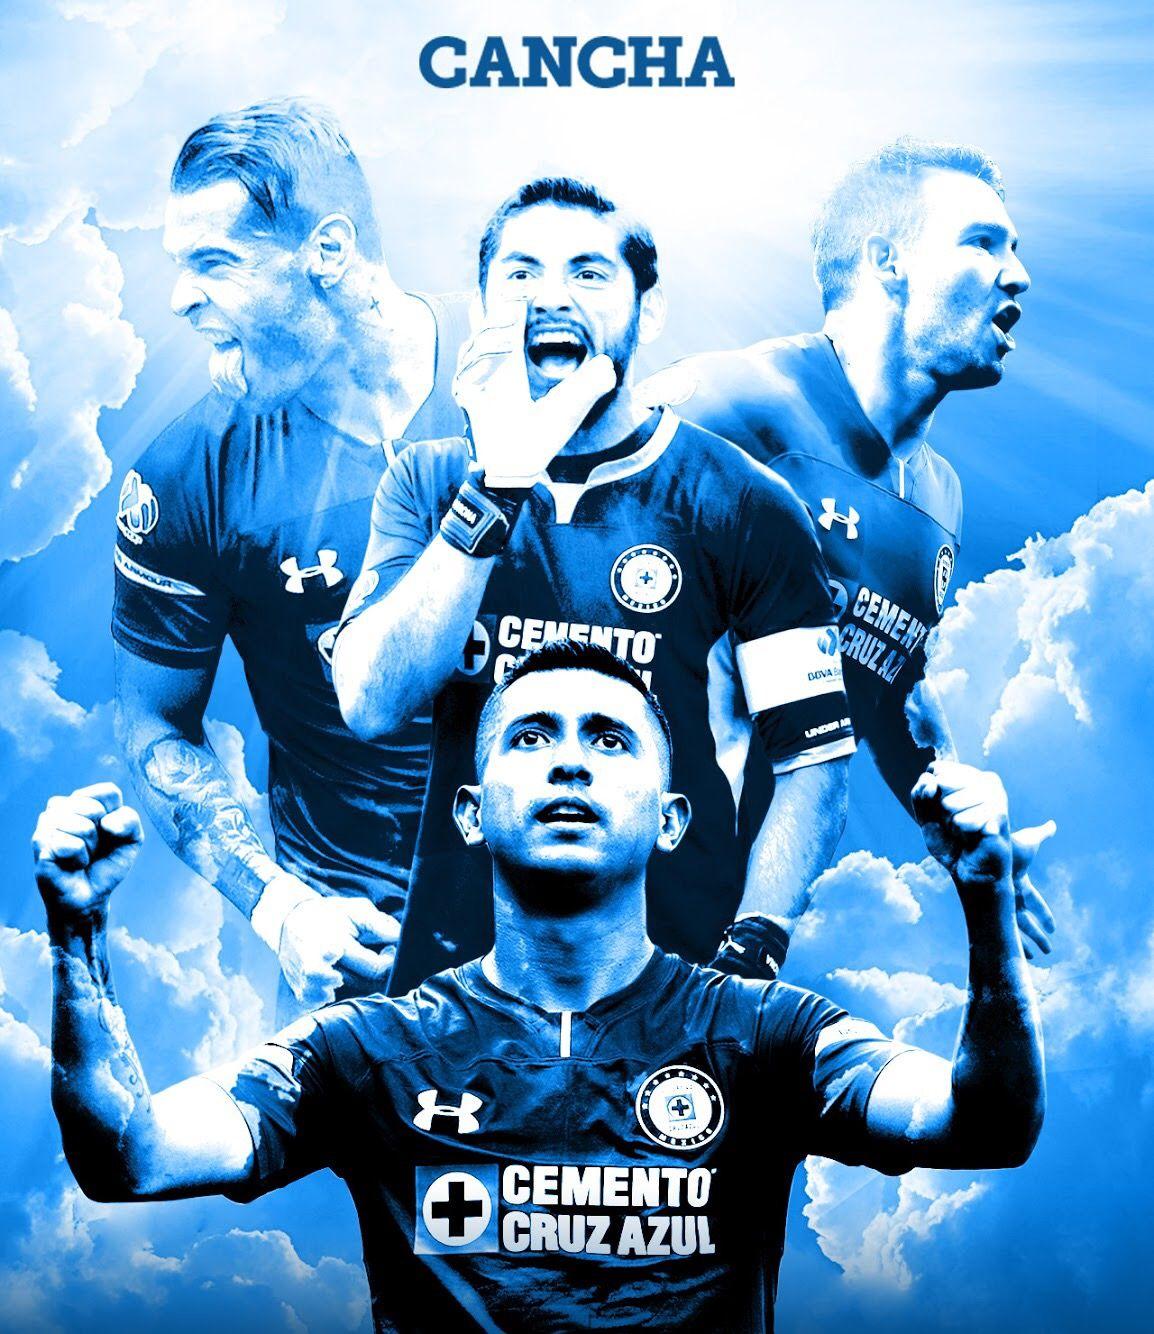 Cruz Azul el líder de la Liga MX Cruz azul, Uñas azules